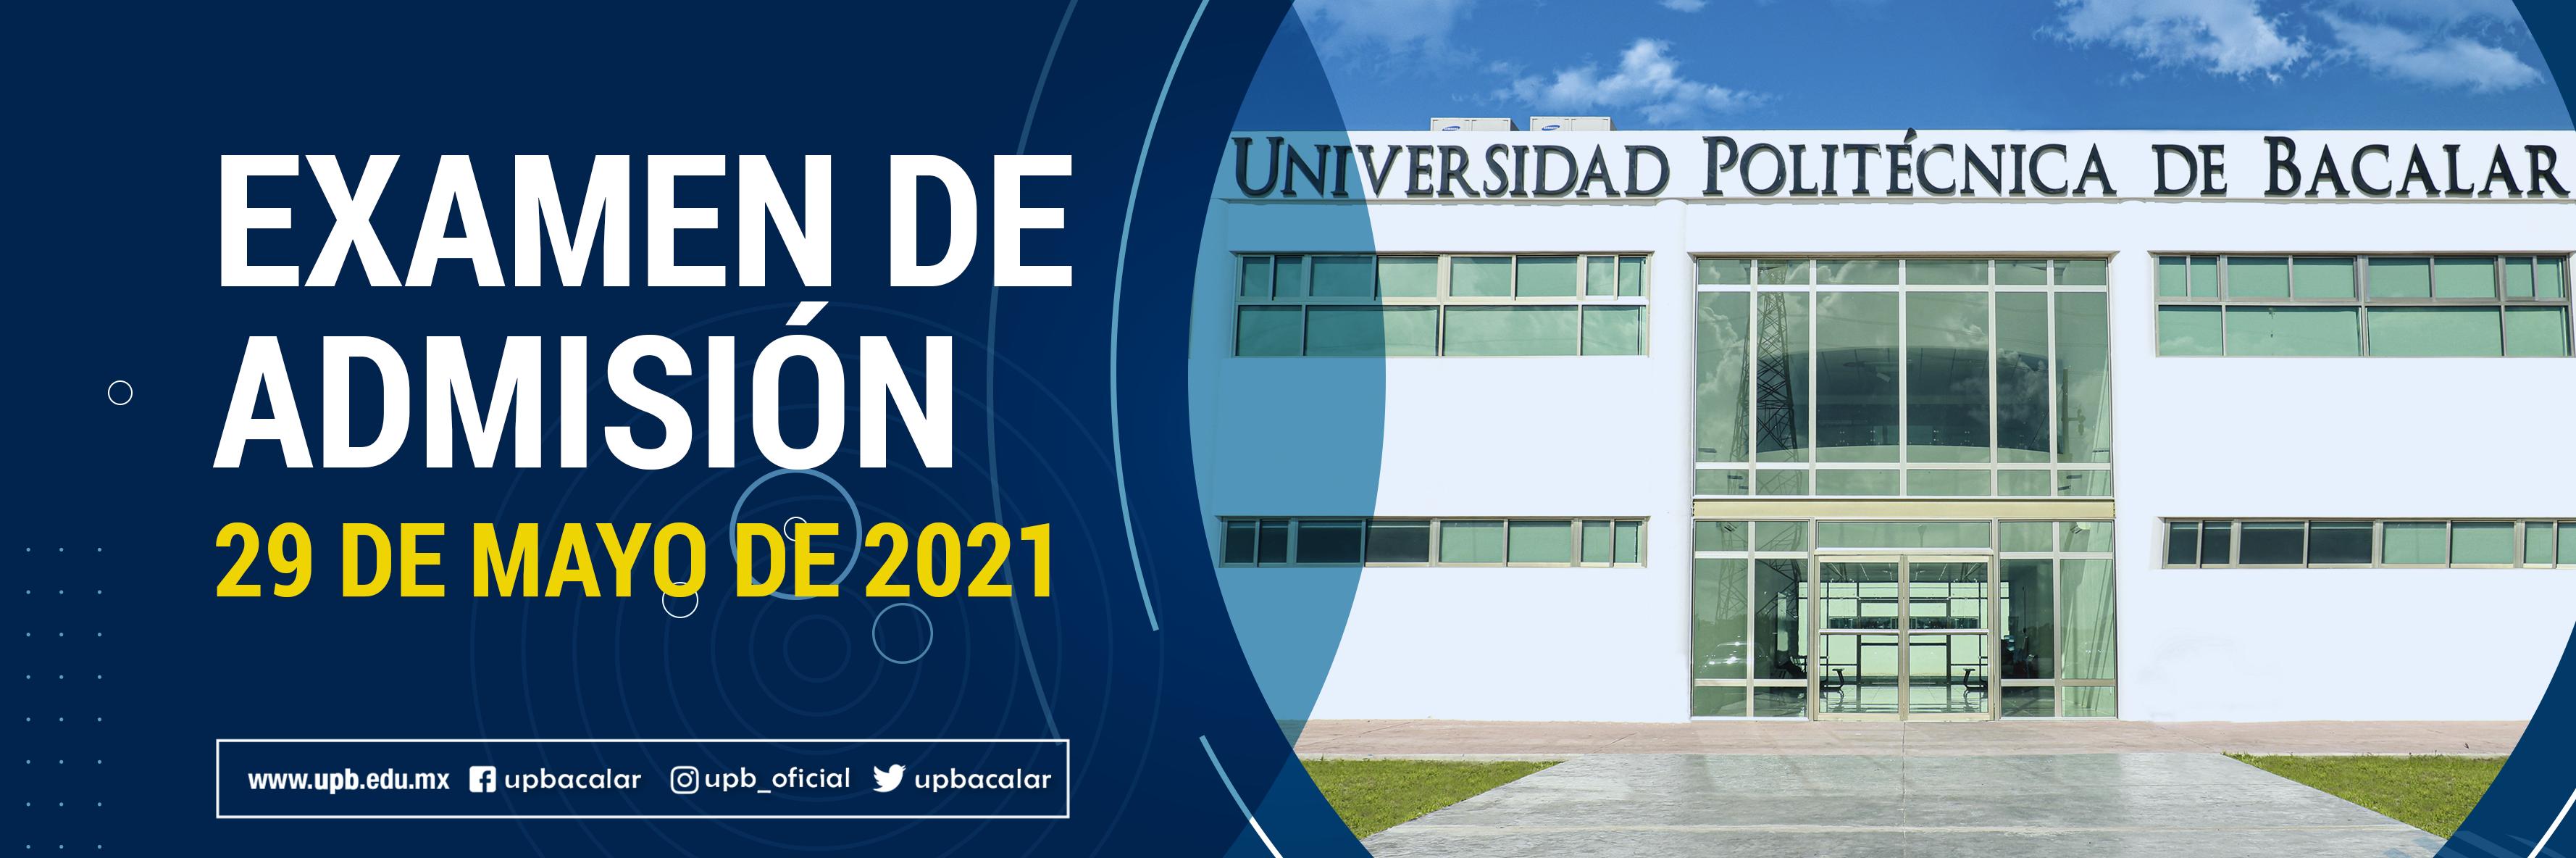 Examen de admisión 2021 web.png